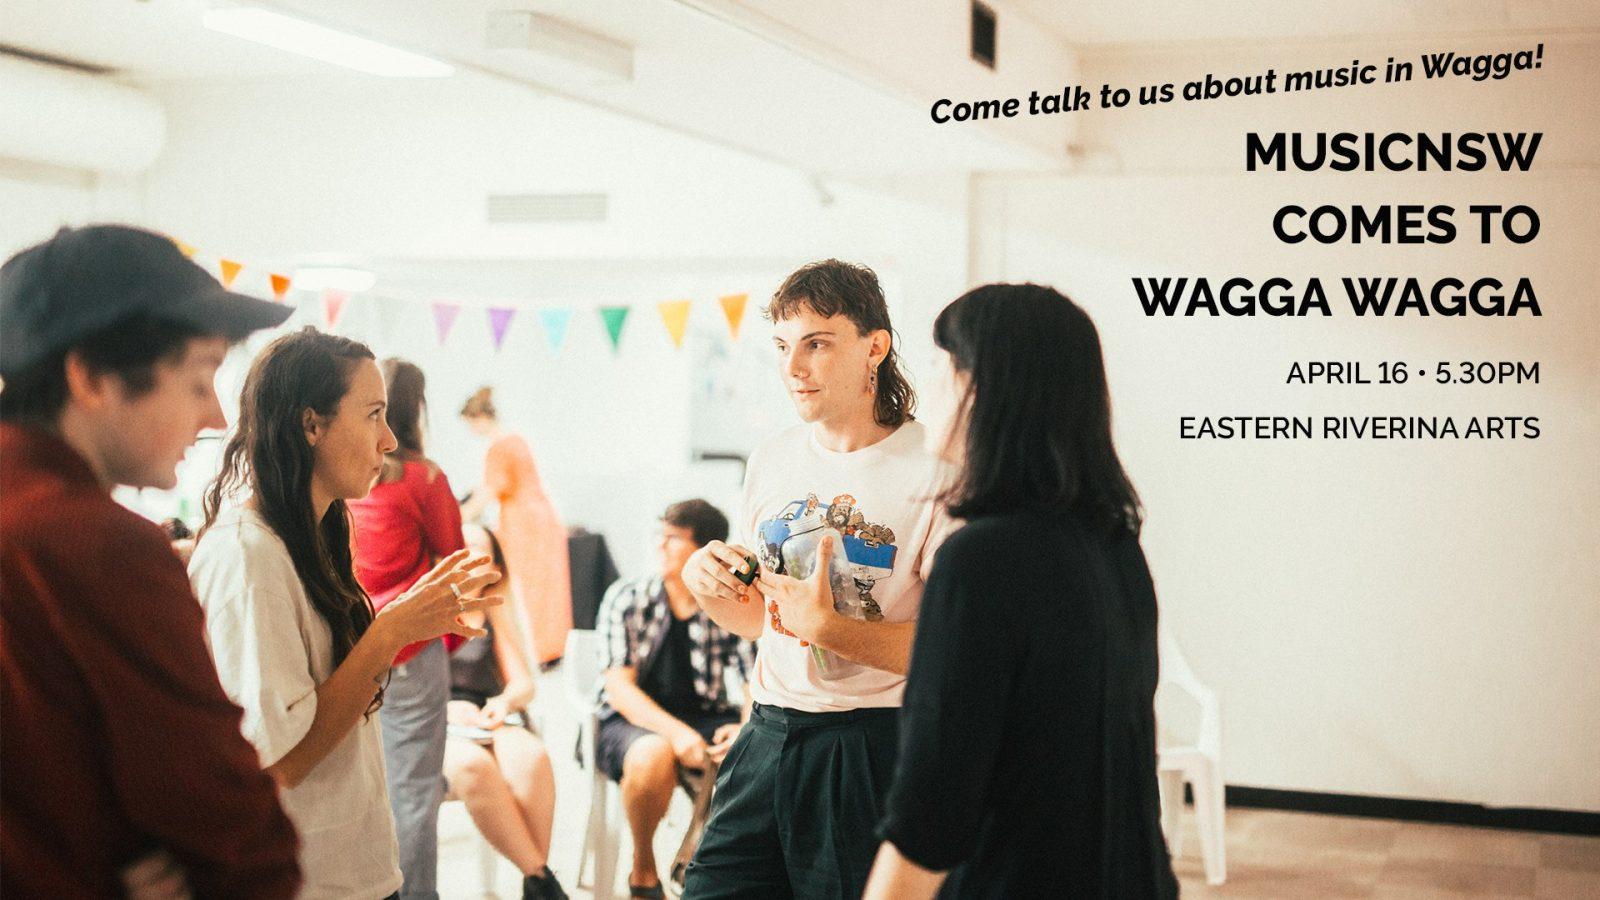 MusicNSW Comes To Wagga Wagga